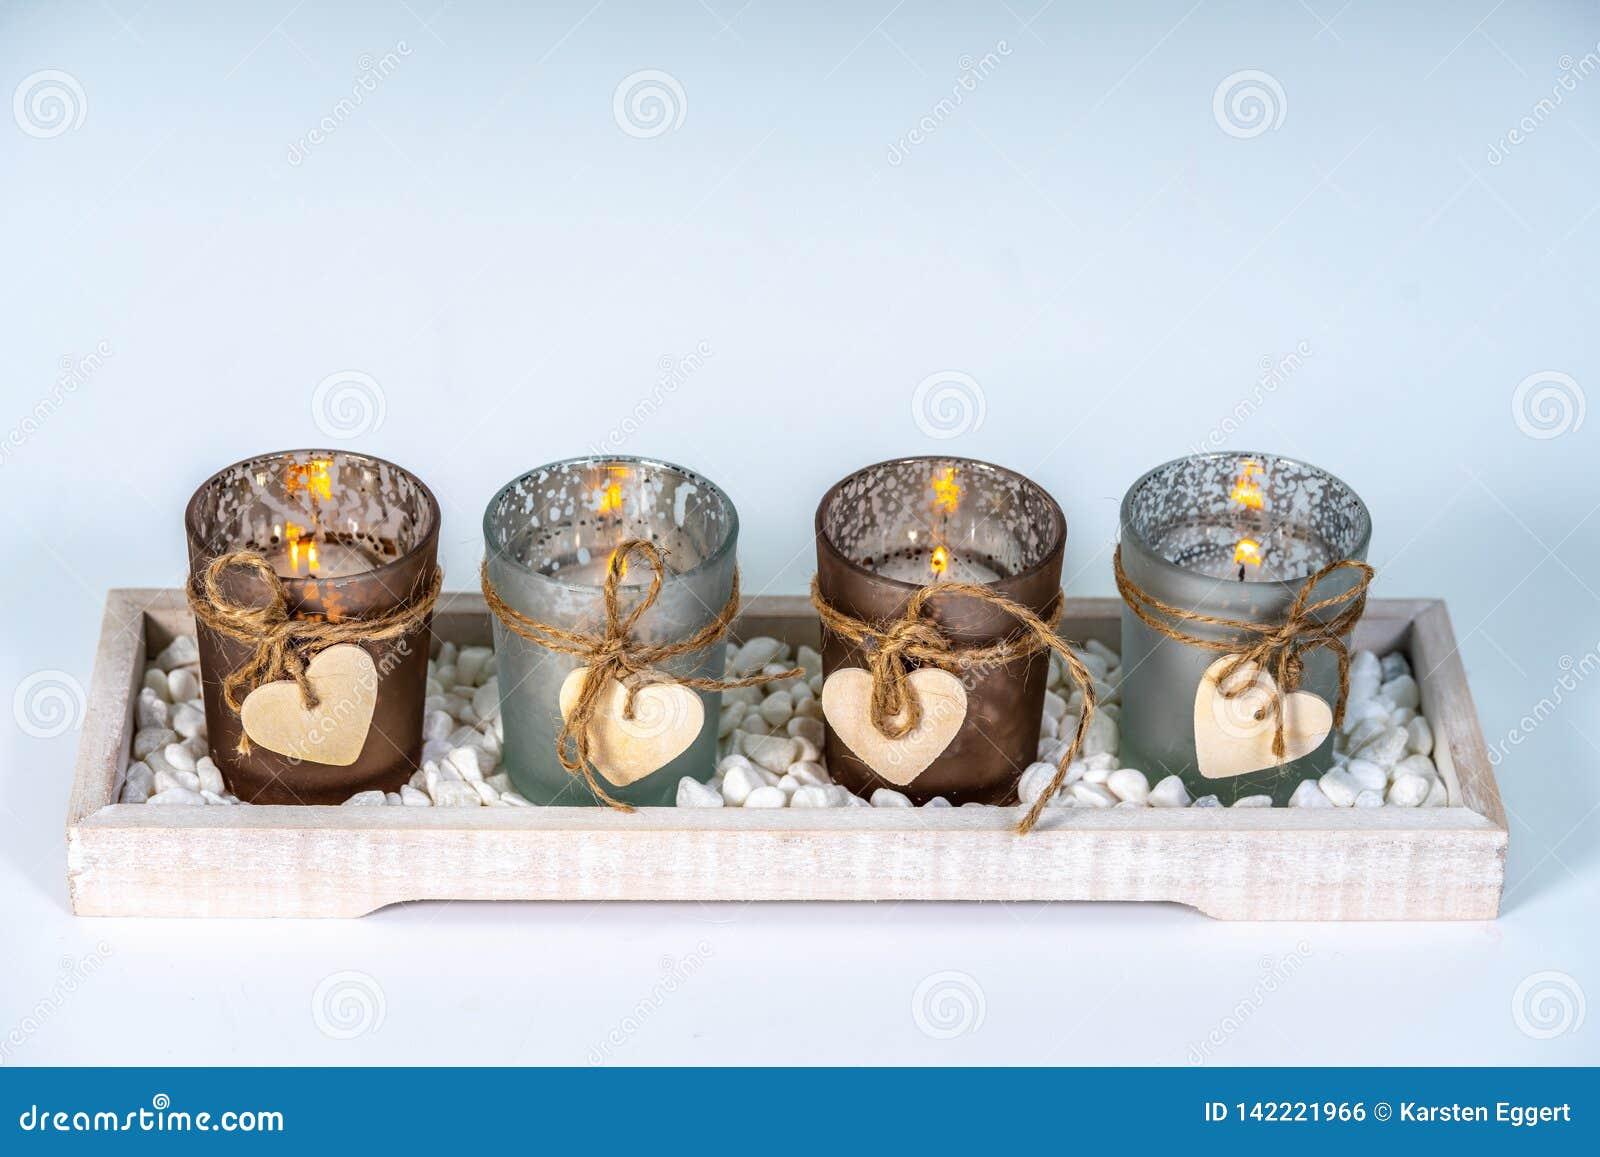 4 castiçal decorados com um coração